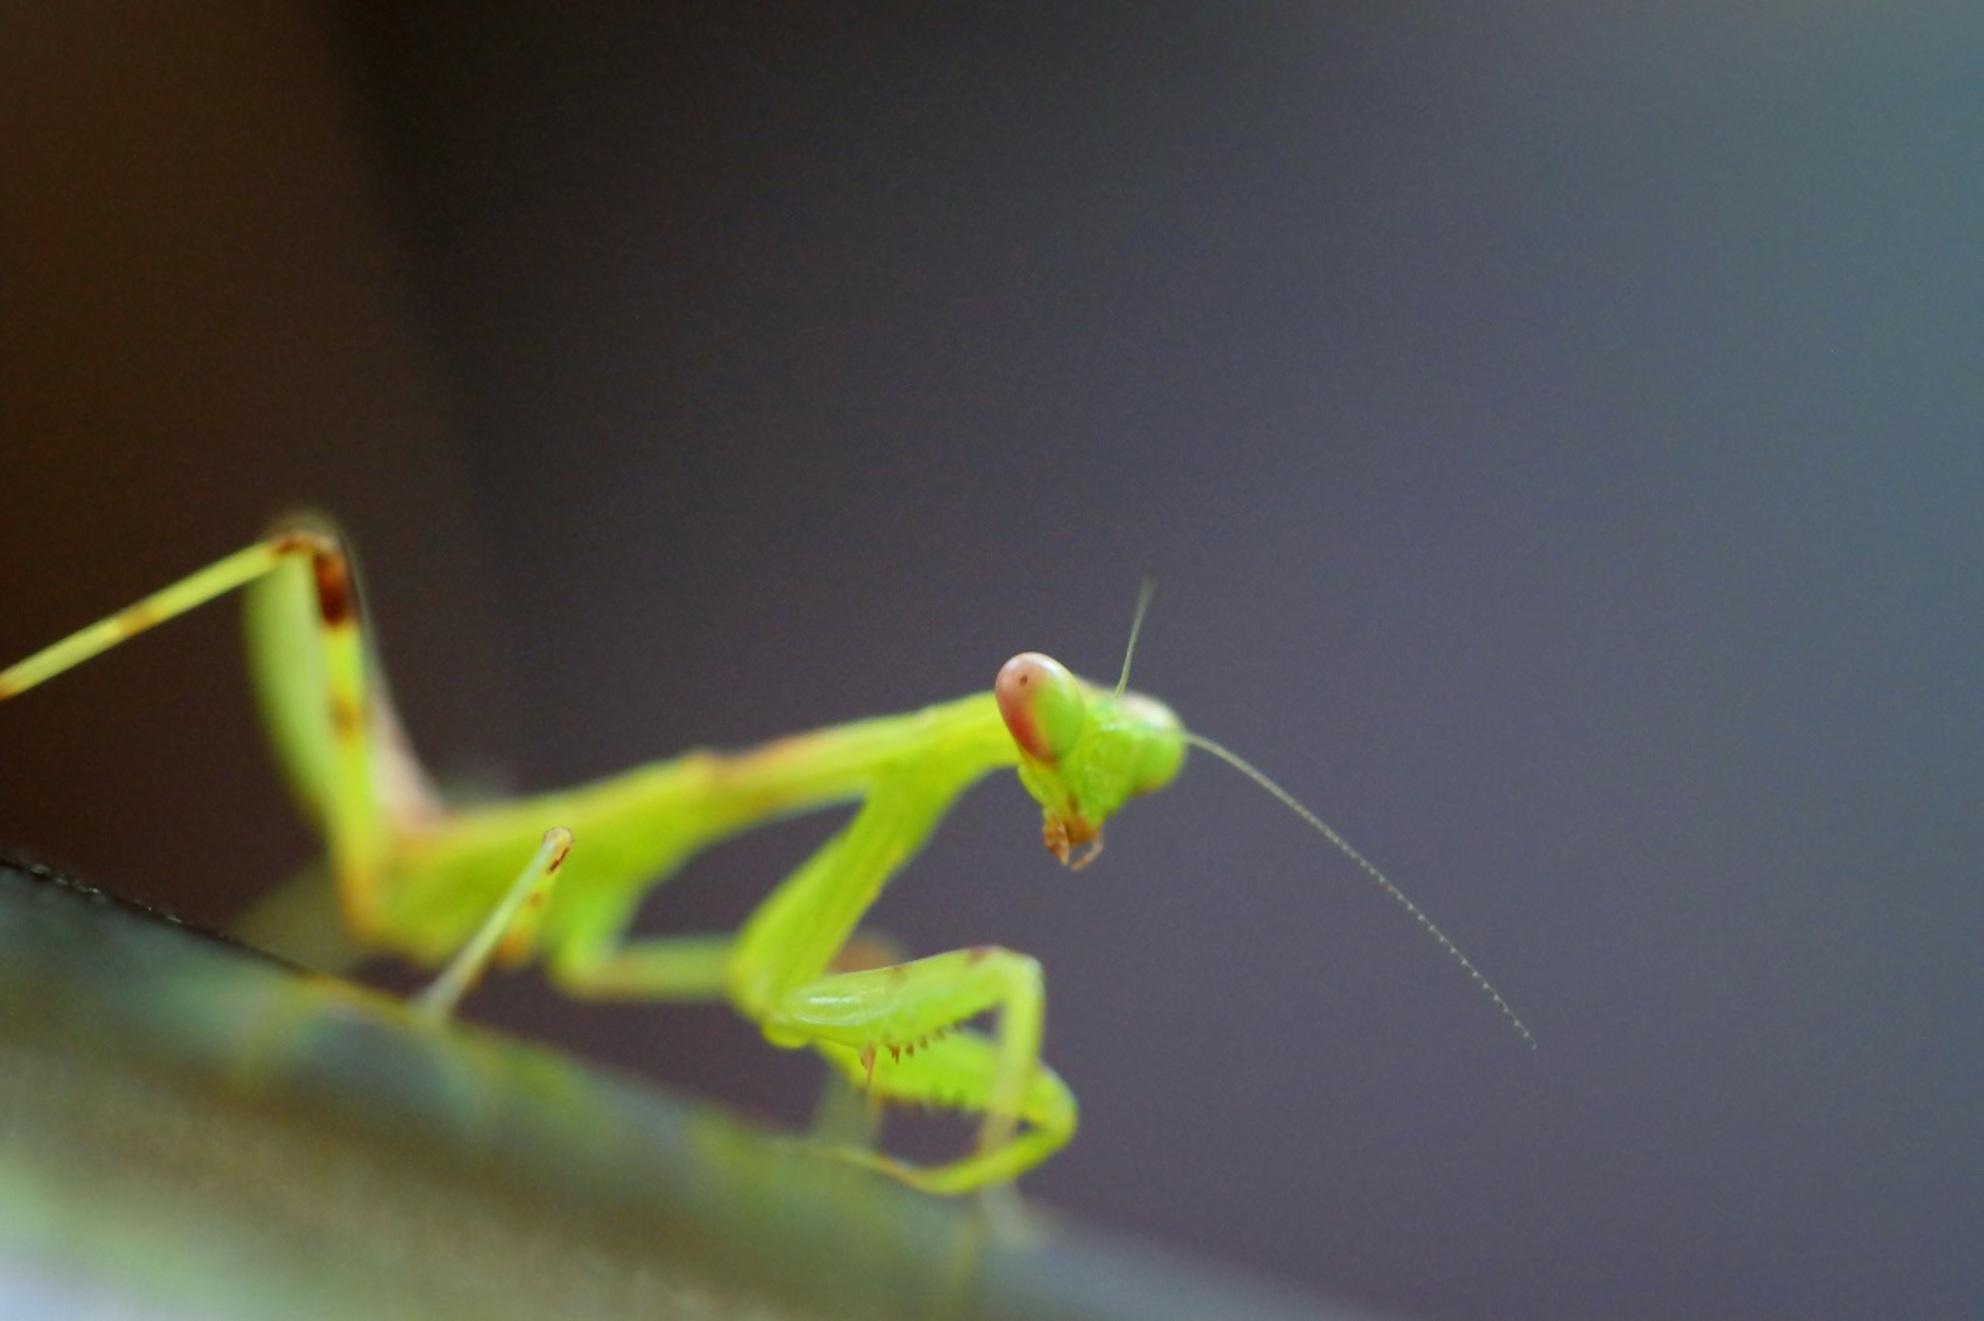 bidsprinkhaan - deze rakker tegen gekomen op vakantie op Bali. Hij was nog heel klein zo'n 2,5cm. - foto door sarinaw op 26-07-2015 - deze foto bevat: groen, macro, insect, bali, bidden, bidsprinkhaan